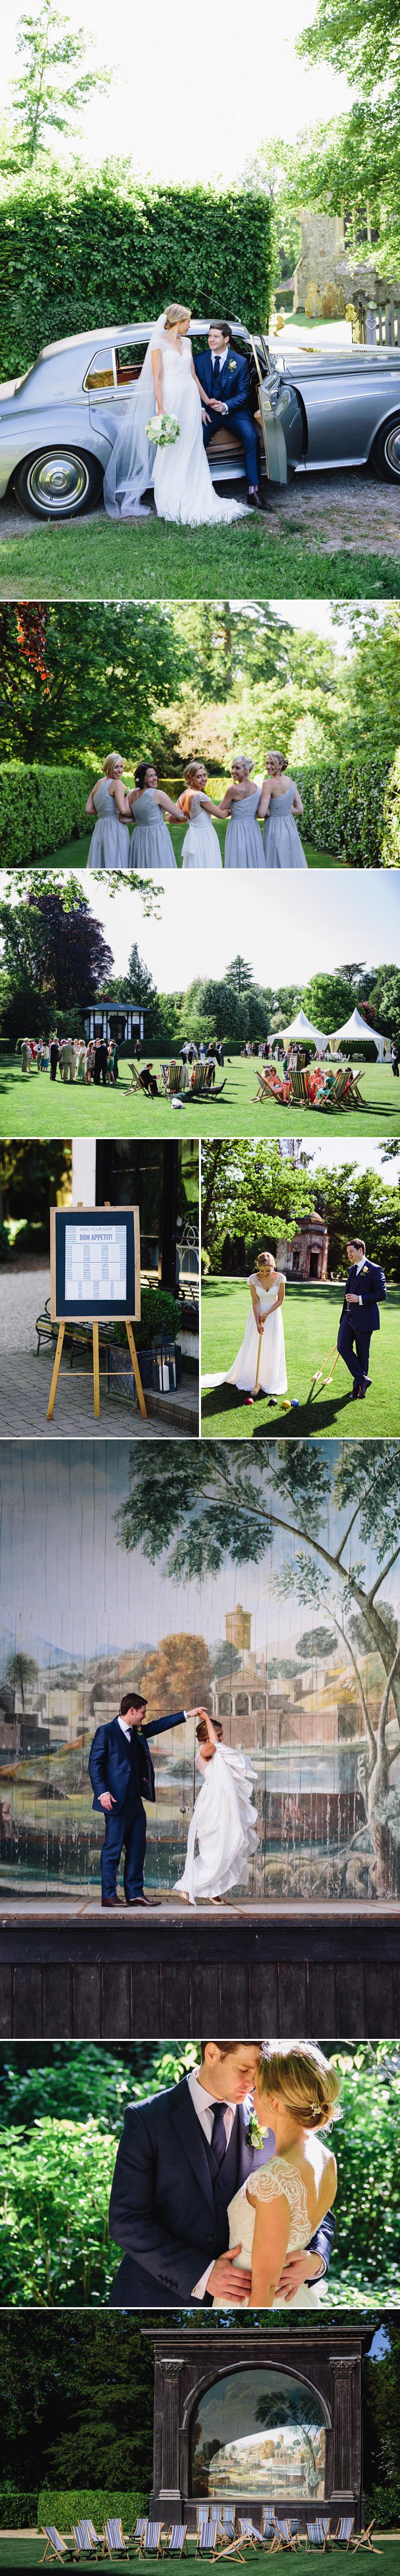 rustic-wedding-venue-wiltshire-wedding-venue-larmer-tree-gardens-coco-wedding-venues-lisa-dawn-photography-005